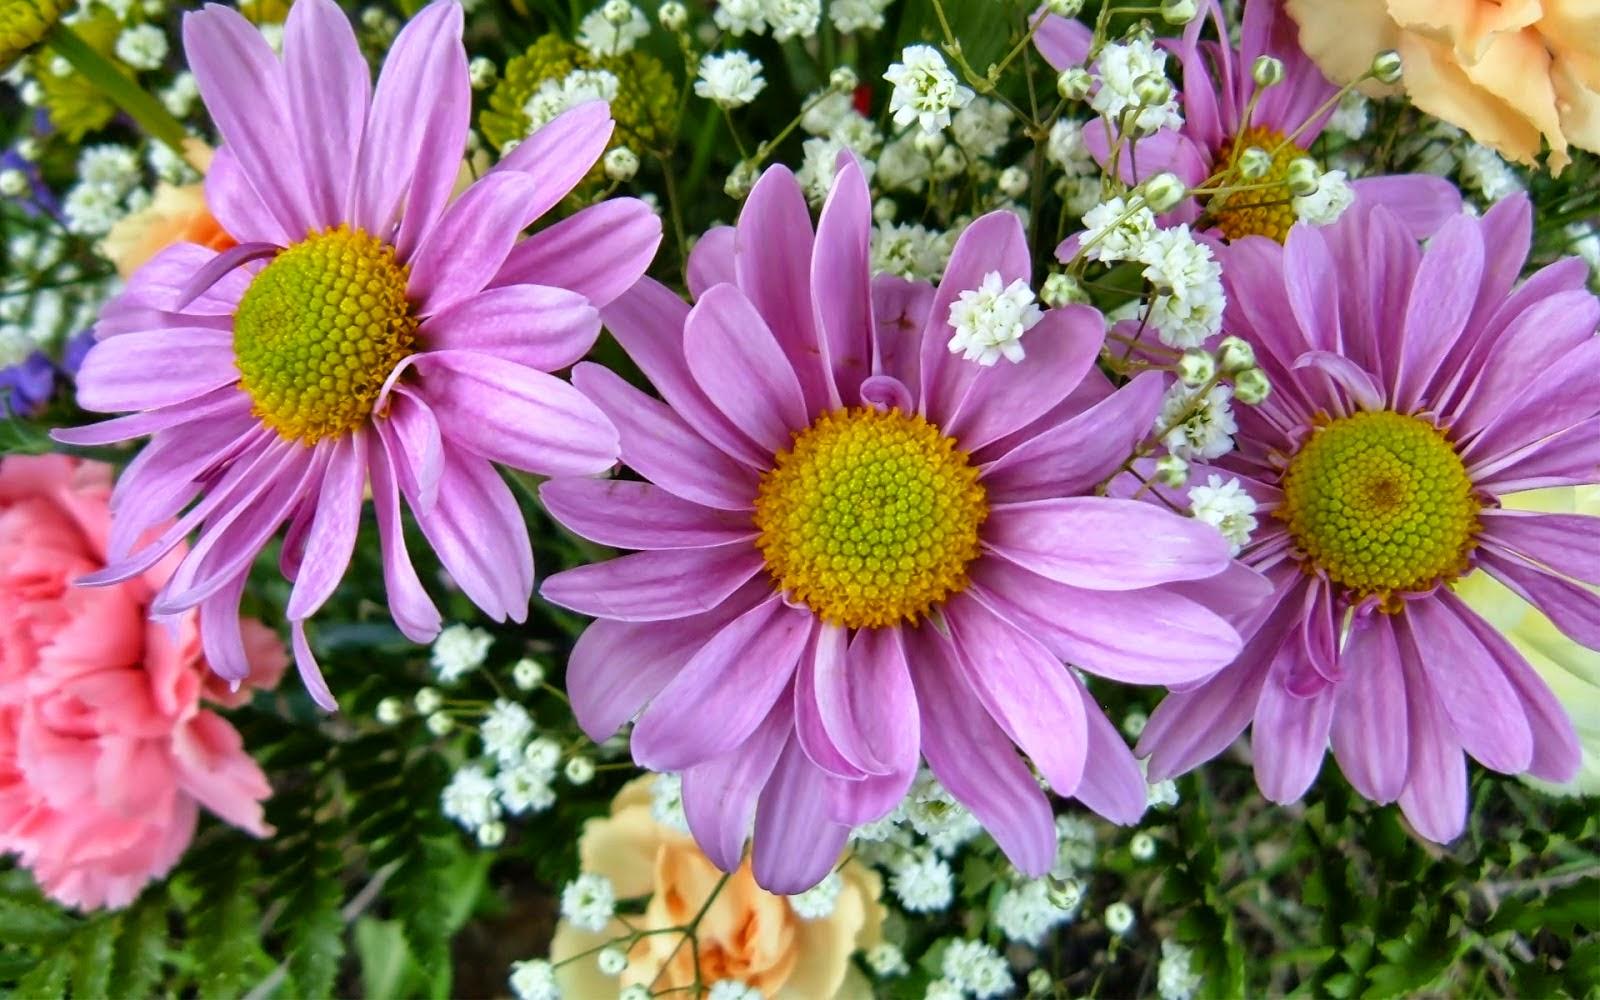 Coleccion De Gifs Fondos De Pantalla De Flores En Hd